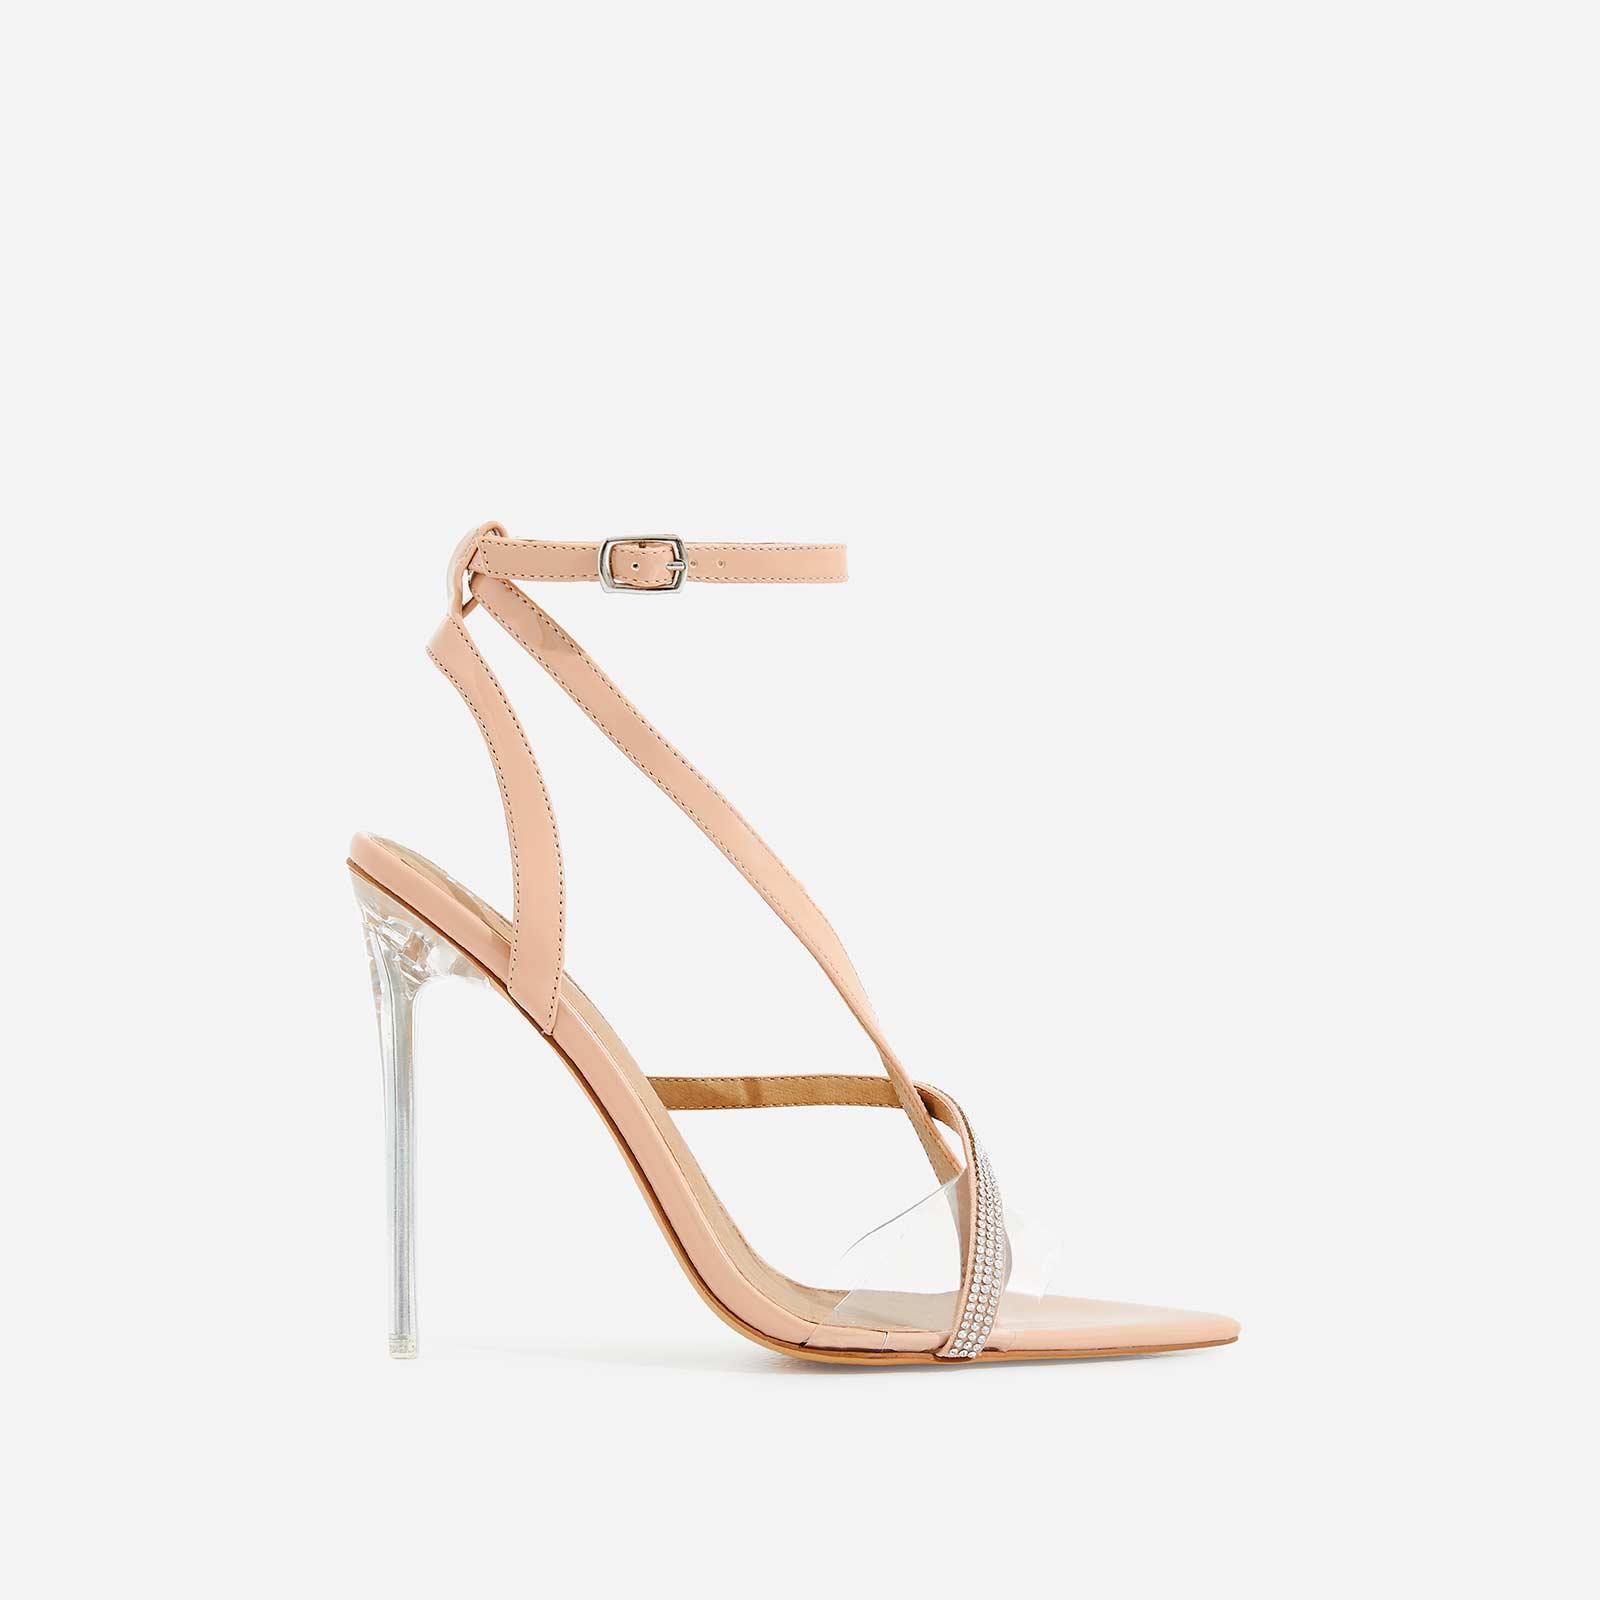 Khloe Dimante Pointed Perspex Heel In Nude Patent